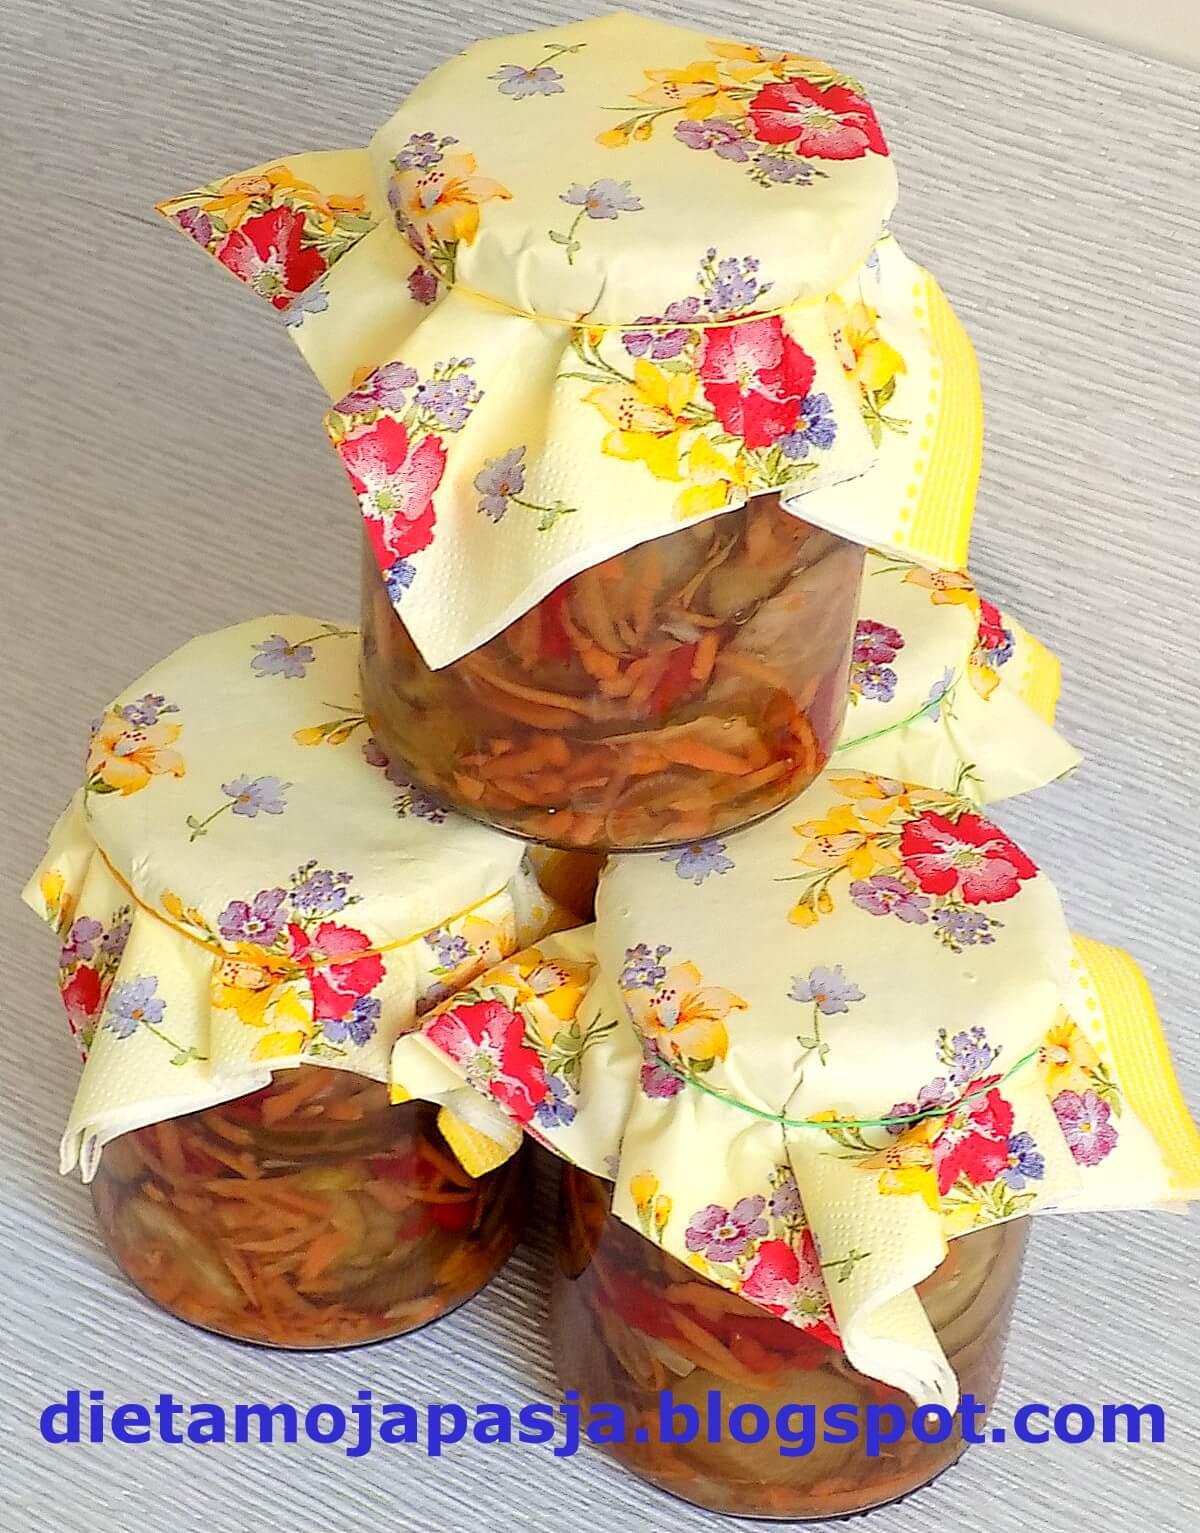 Sałatka z papryki i ogórków - moja ulubiona